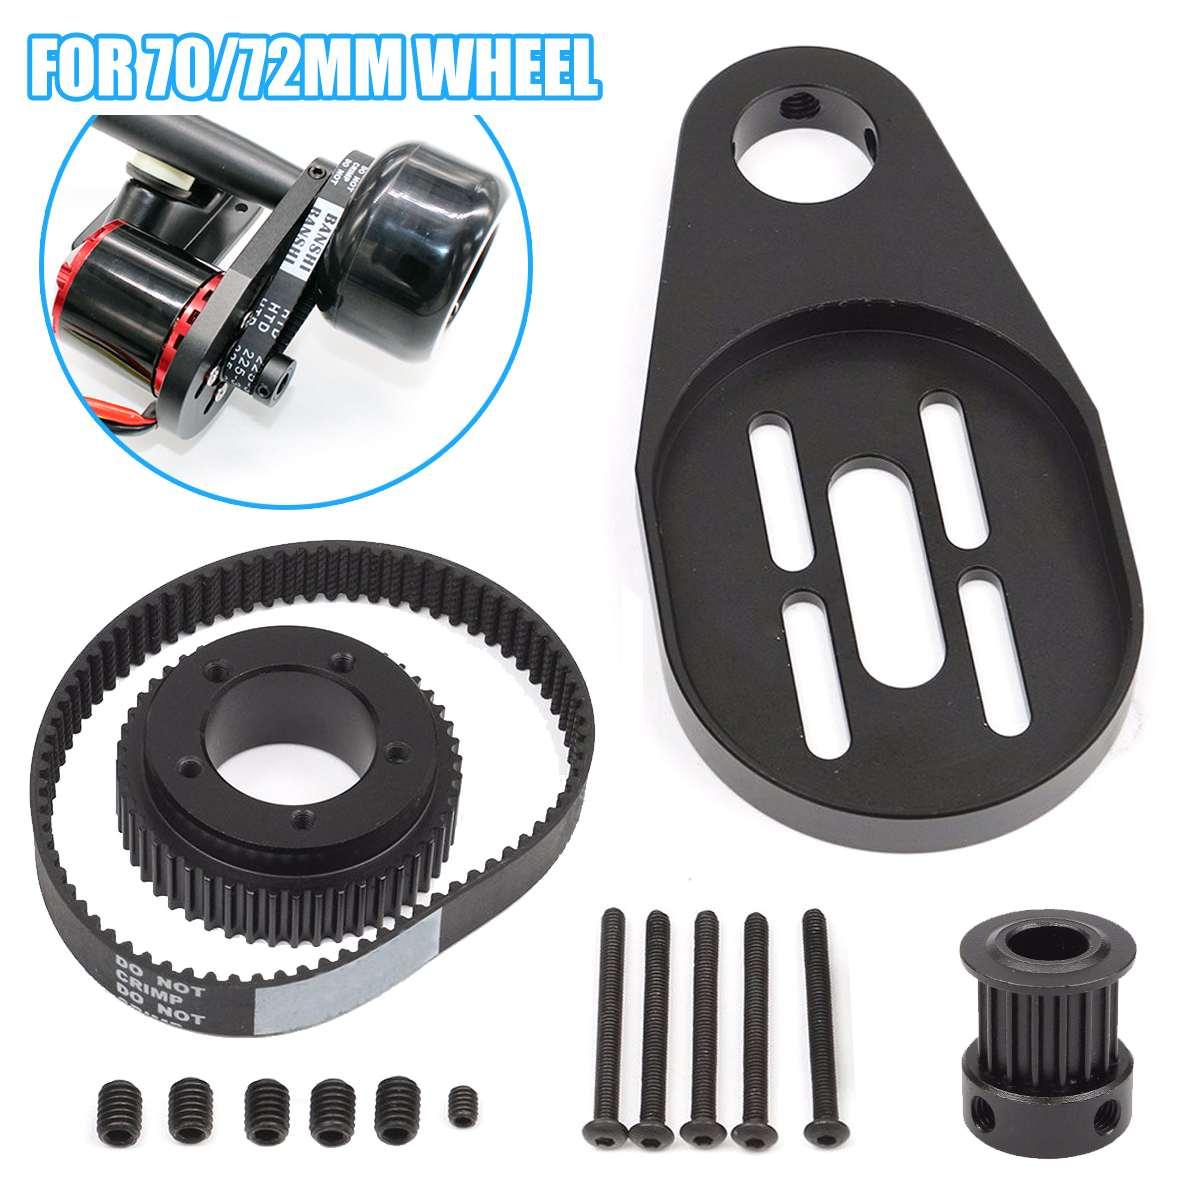 DIY piezas polea + montaje de Motor Drive Kit para 72 MM/70 MM eléctrico de la rueda de Skateboard casa Kit de bricolaje